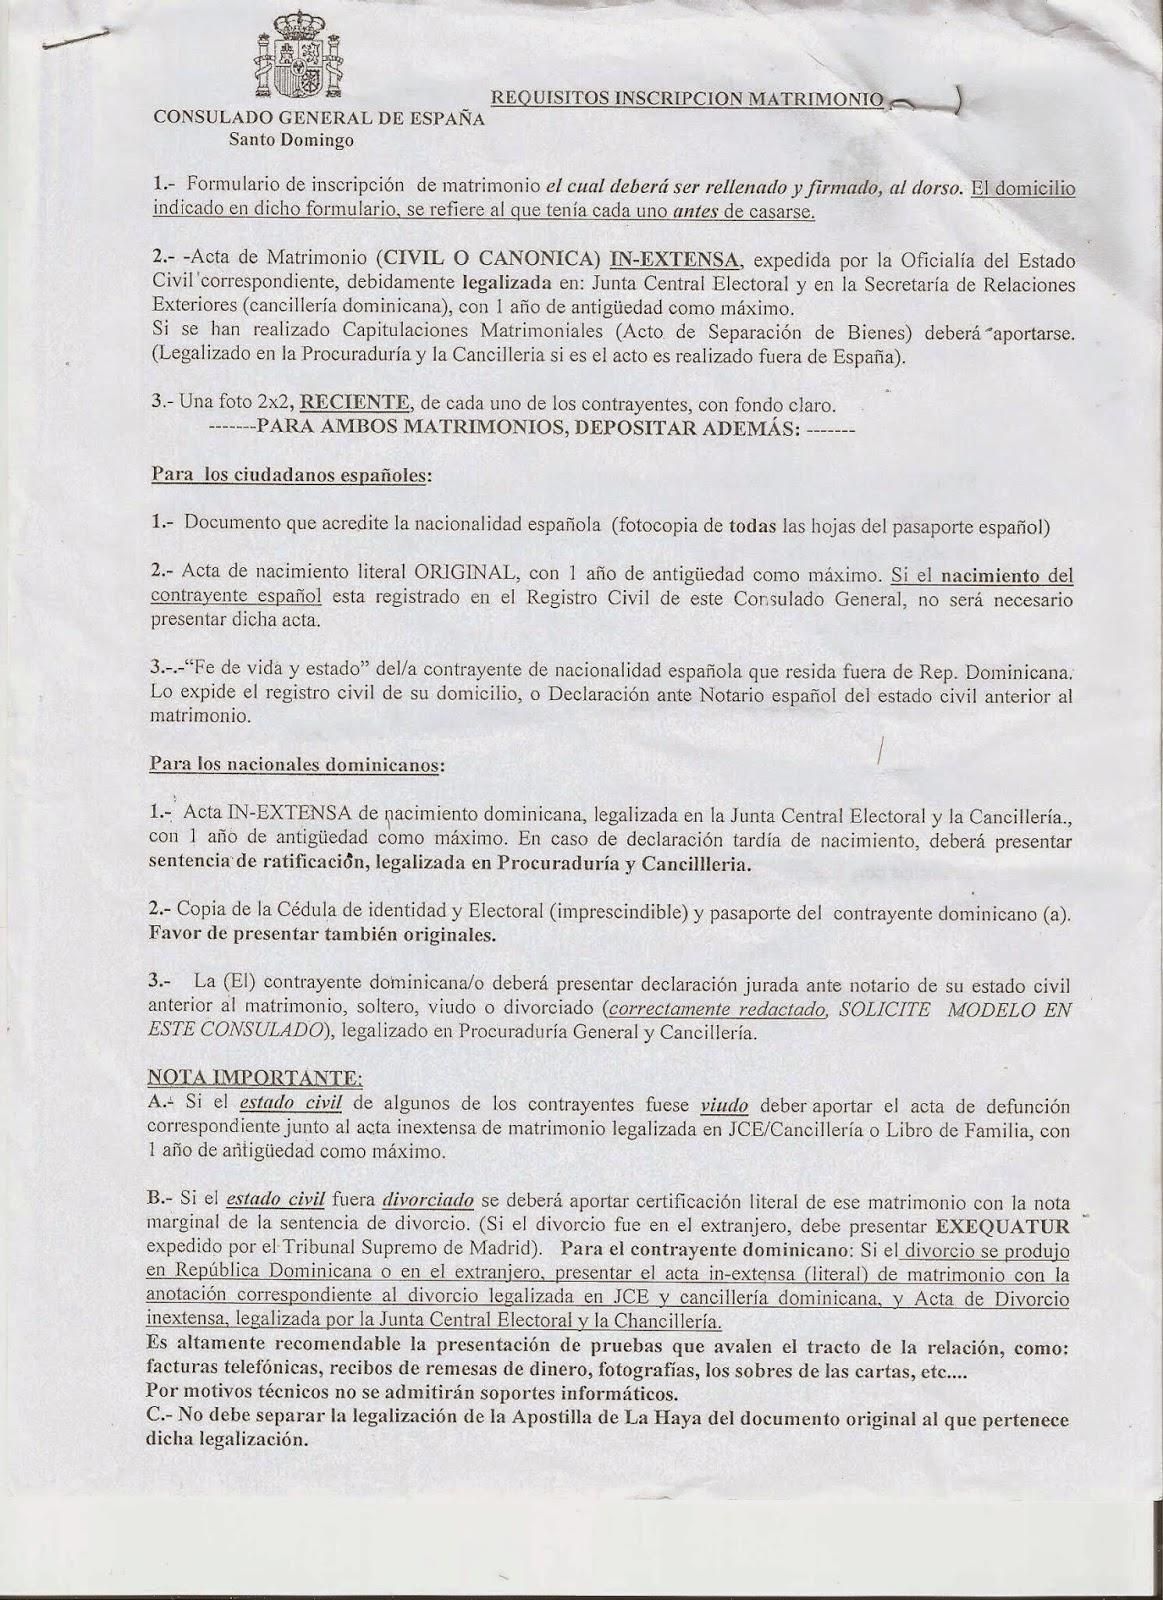 Amor Negrito emigrando a España: Inscripción del Matrimonio en el ...